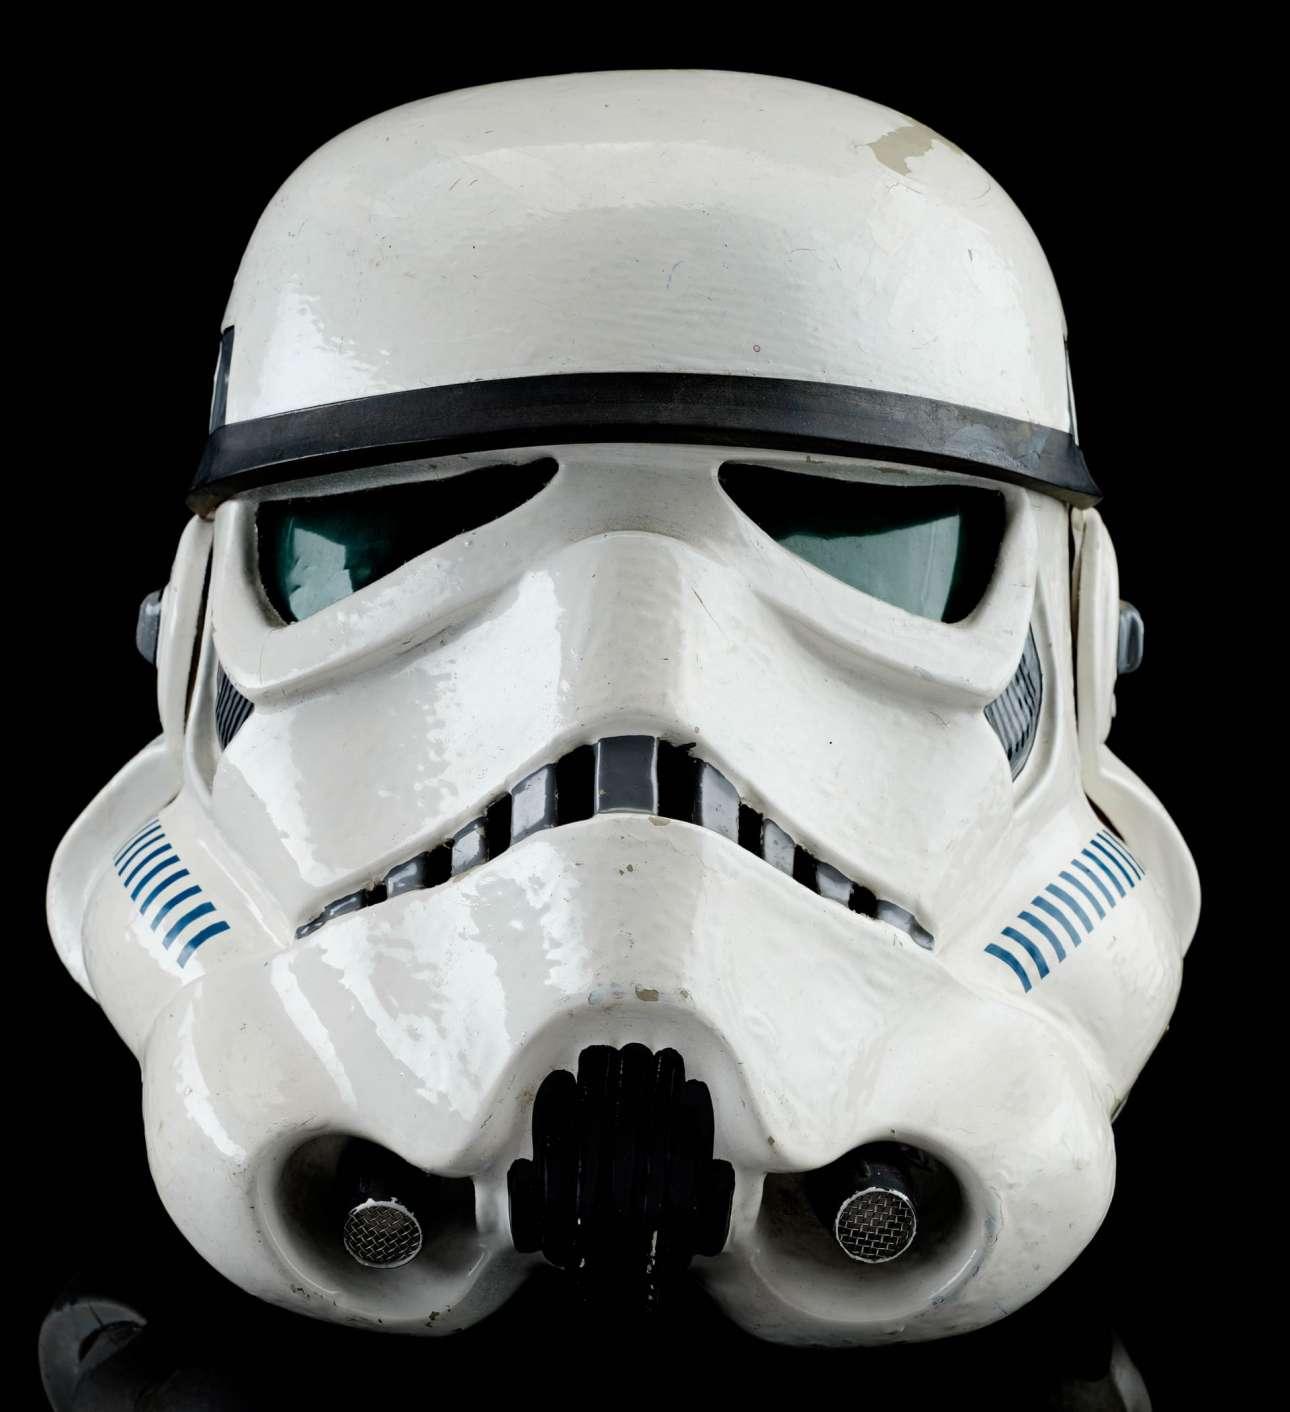 Από τα πιο ακριβά αντικείμενα της δημοπρασίας, το κράνος των Stormtroopers από την ταινία ο Πόλεμος των Αστρων του Τζορτζ Λούκας, το οποίο αναμένεται να δημοπρατηθεί στα 200.000 ευρώ